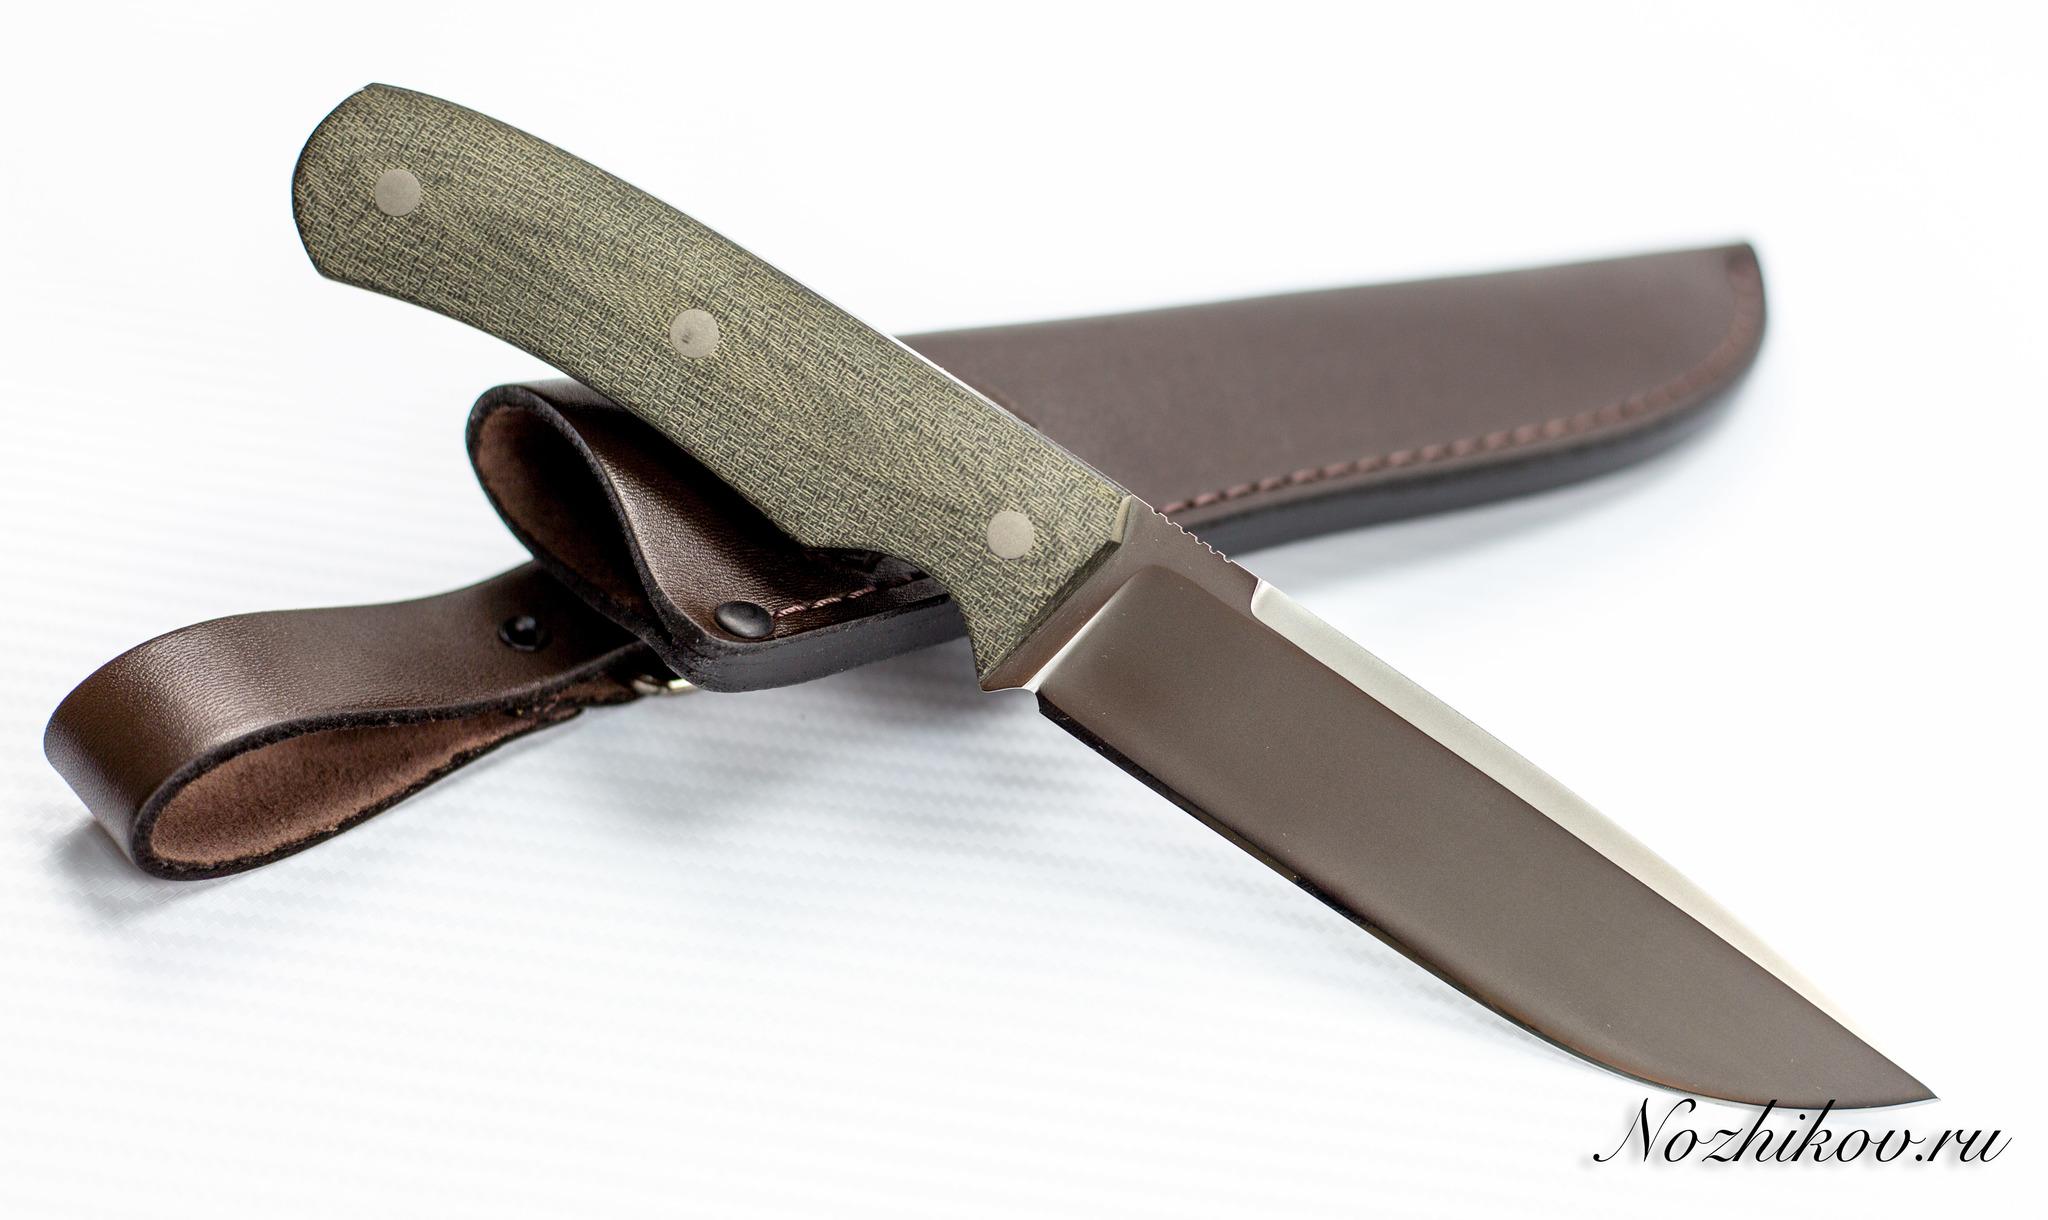 Нож Акула, Vanadis4, микартаНожи Ворсма<br>Нож Акула, Vanadis4, микарта<br>